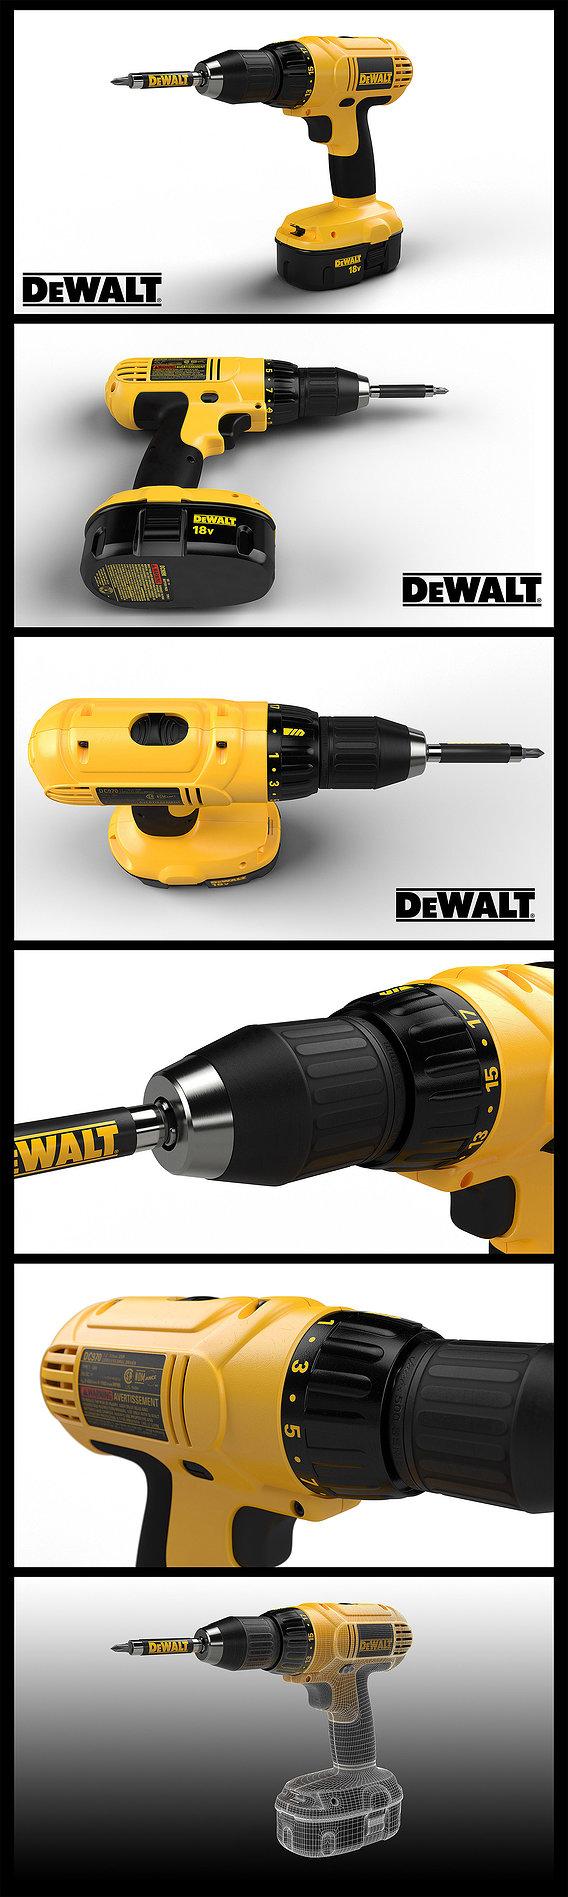 Dewalt DC970 Drill Driver